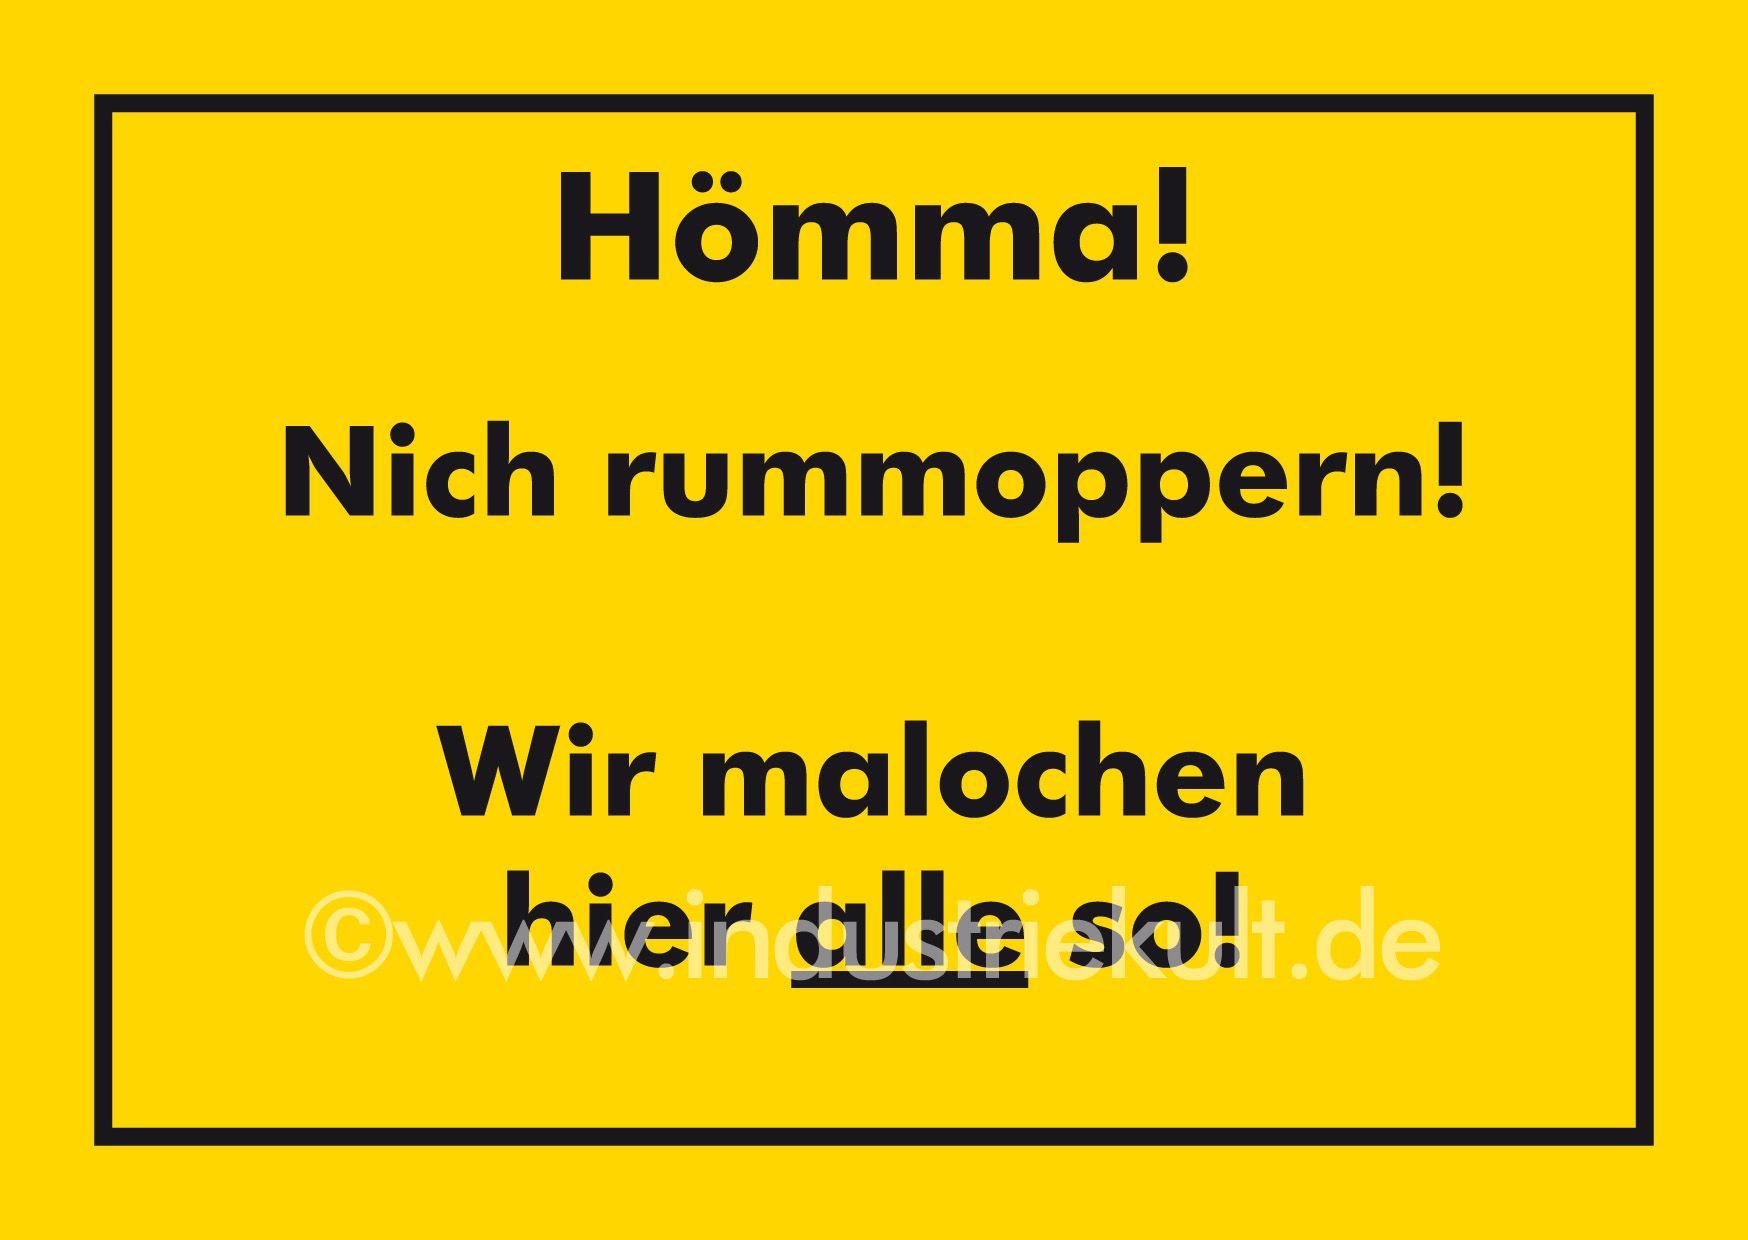 Hömma! Nich rummoppern! Ruhrpott Schild Spruch gelb | Dat Revier!